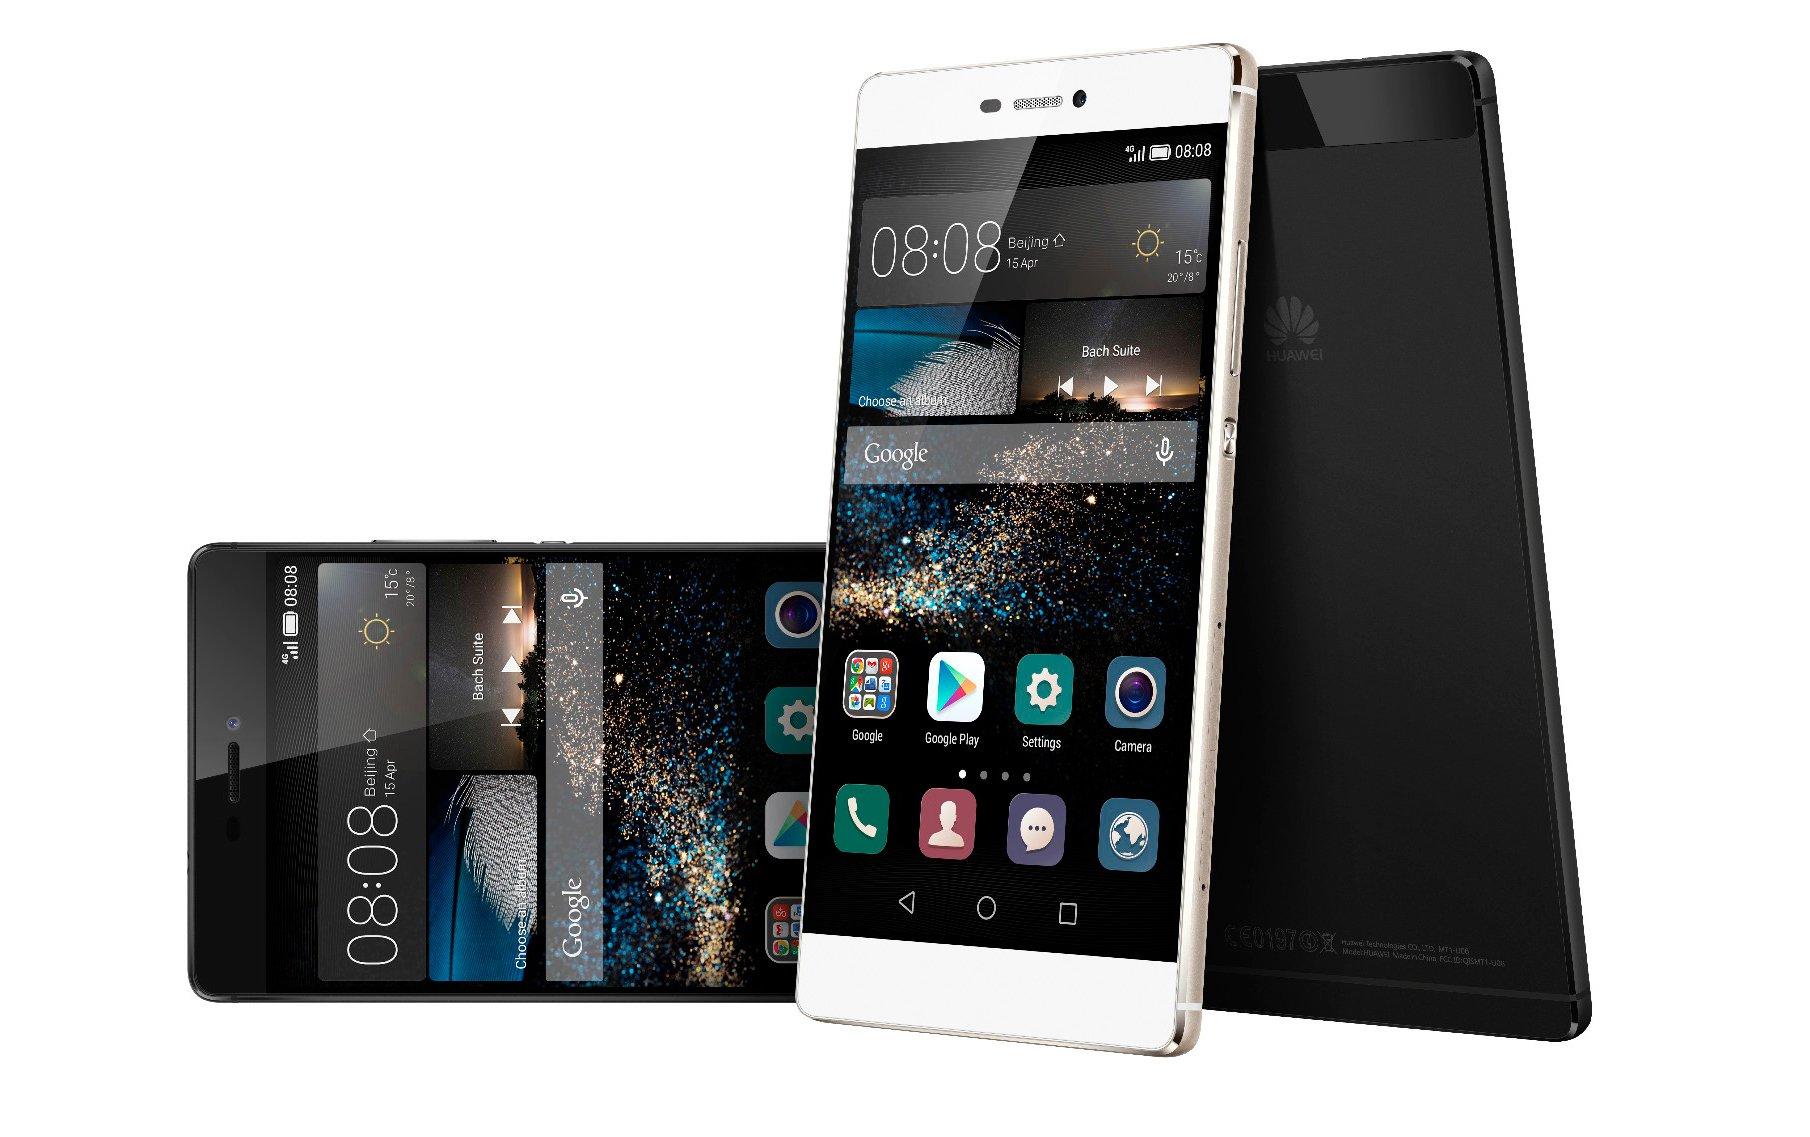 Huawei P8 e P8 Lite disponibili con Tre Italia - Tutto Android